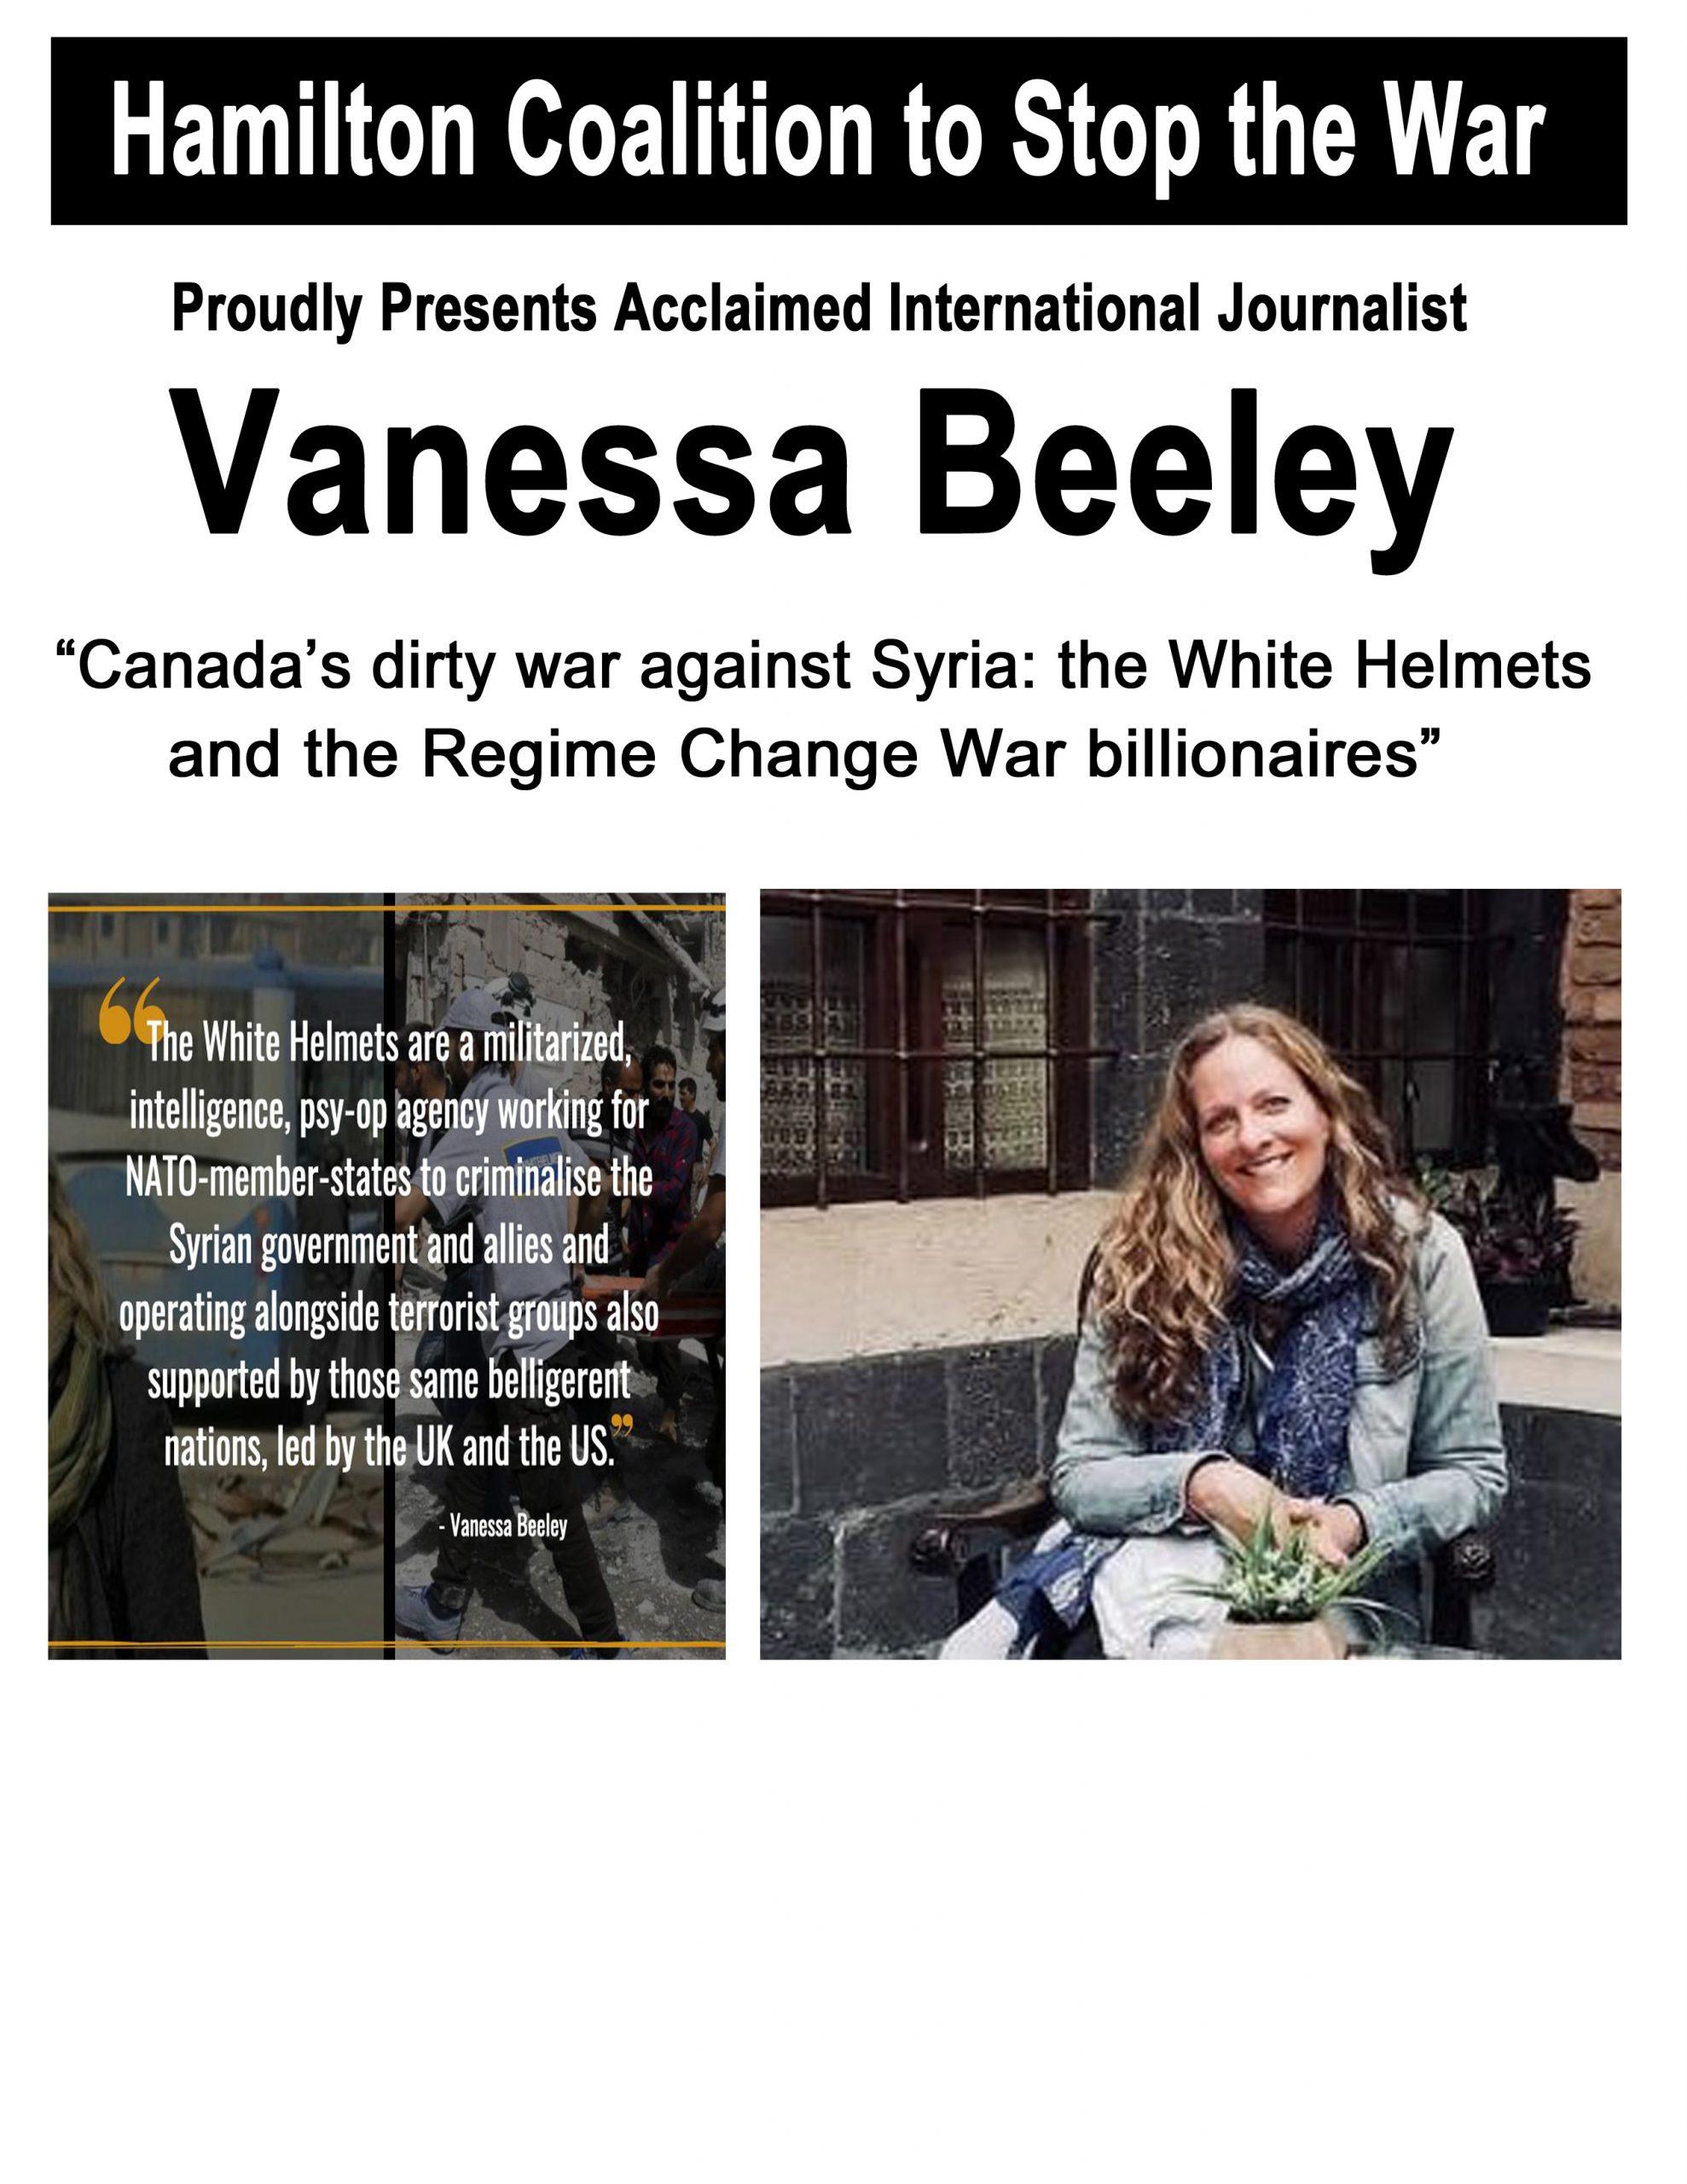 Vanessa Beeley poster #1